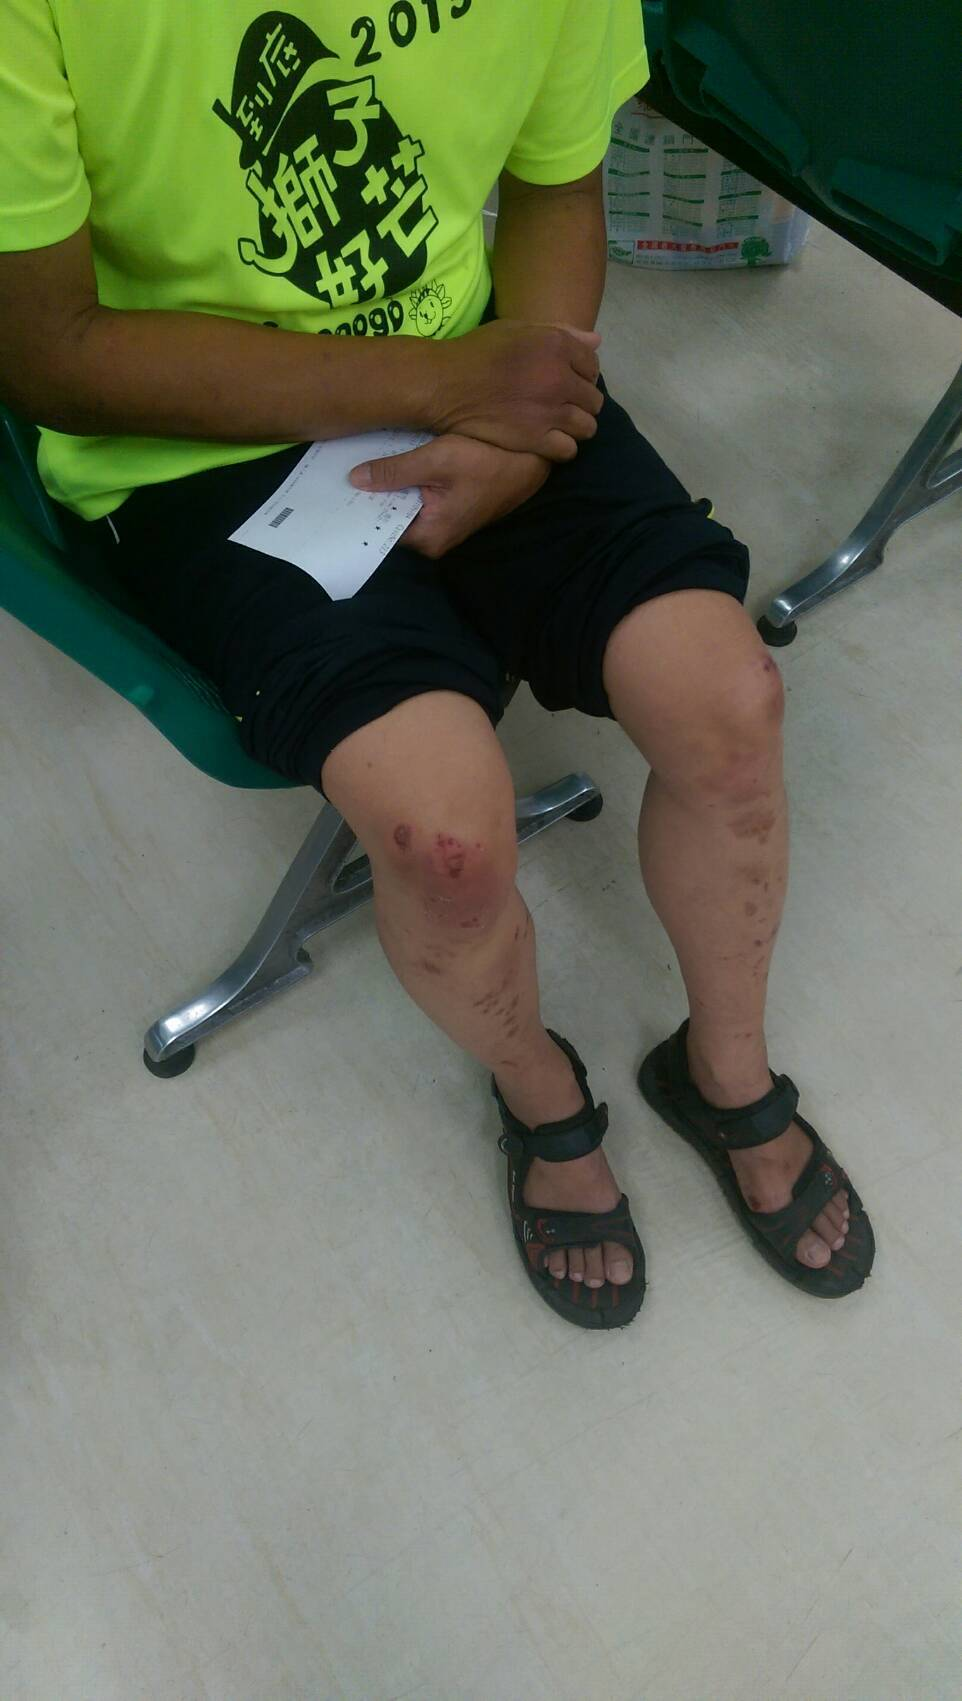 潘男也因扭打過程中,頭部及身體也多處挫傷,左側肋骨也閉鎖性骨折。記者尤聰光/攝影